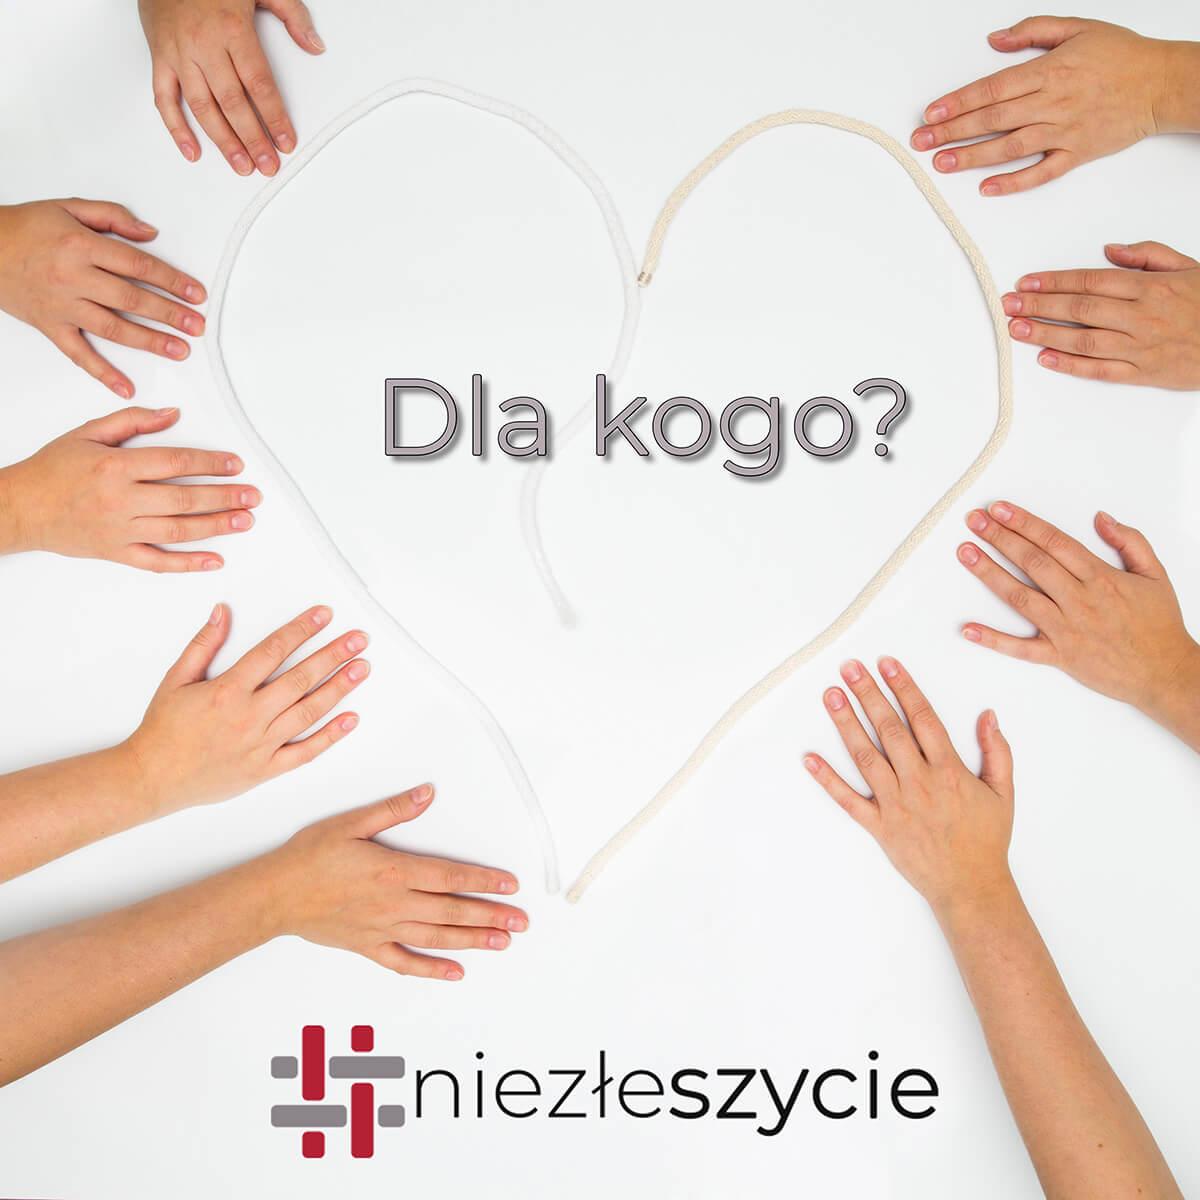 wyzwanie na instagramie #niezłeszycie Kamila Plasun edycja listopadowa